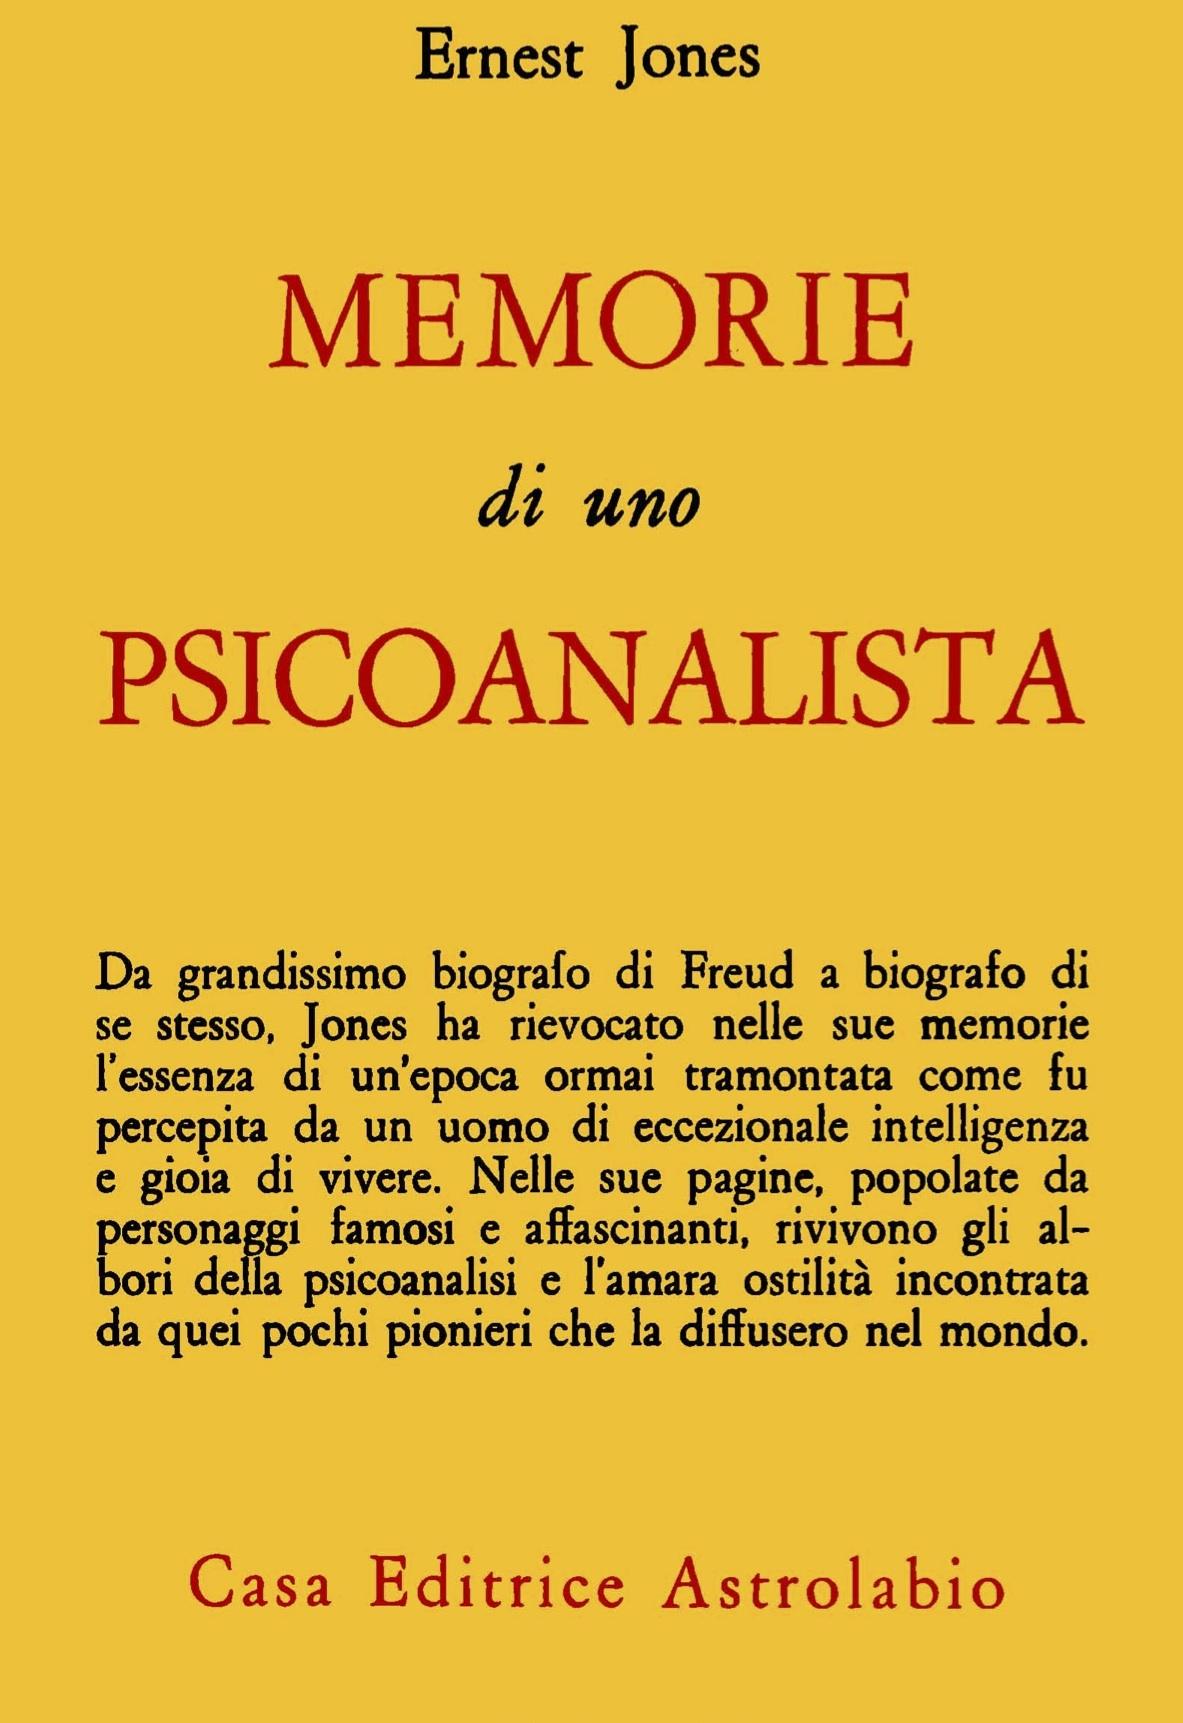 Memorie di uno psicoanalista